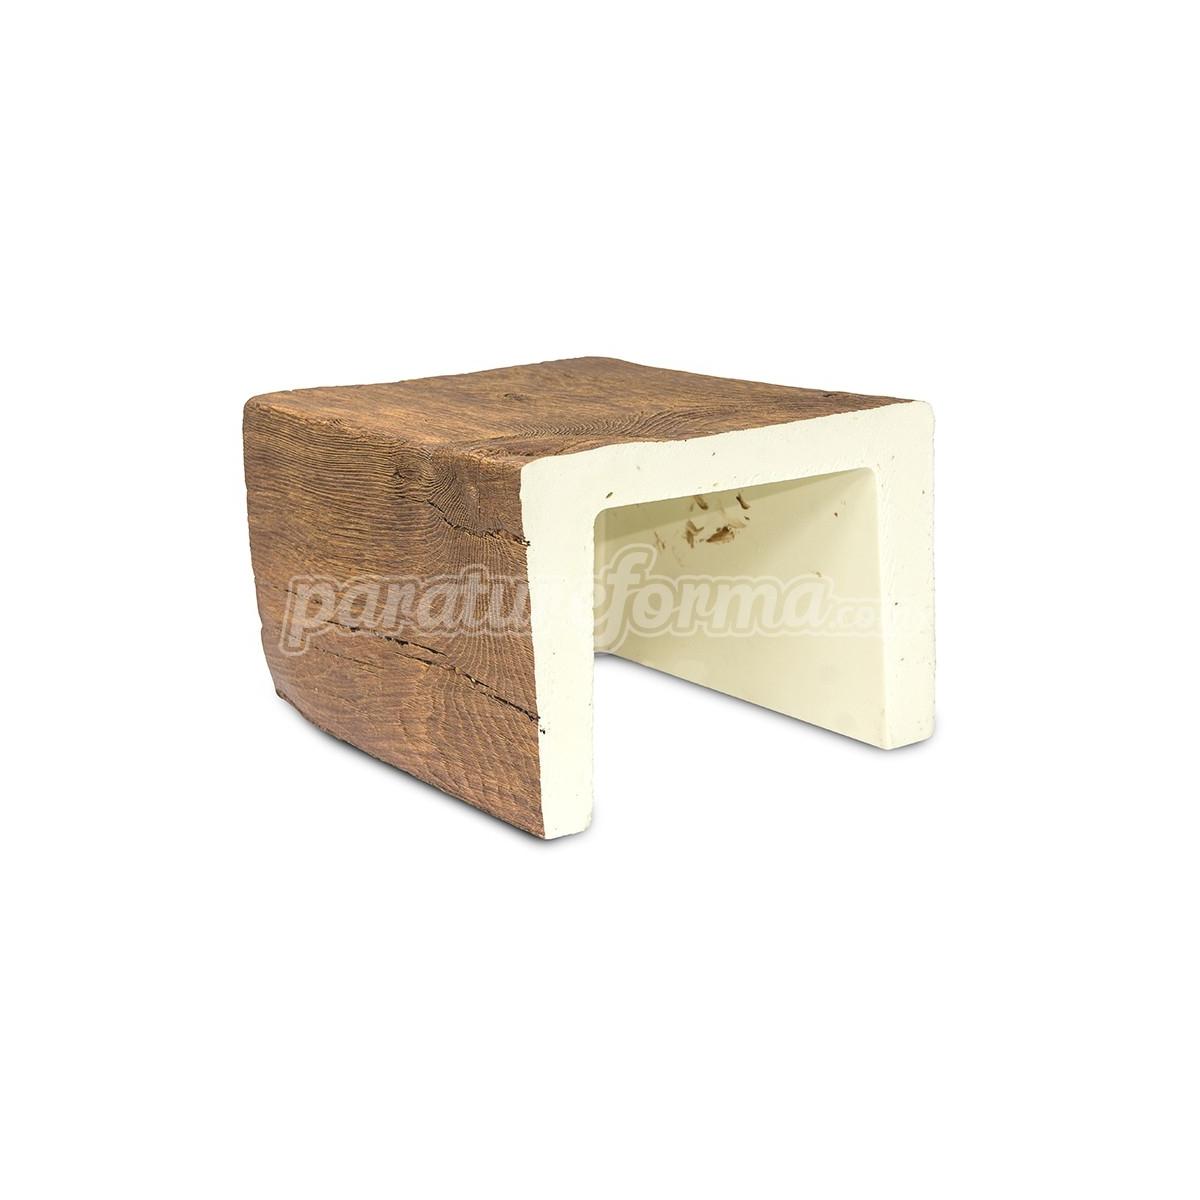 Viga 300x22,5x17,5 imitación madera Vigas imitación madera cuadradas Grupo Unamacor